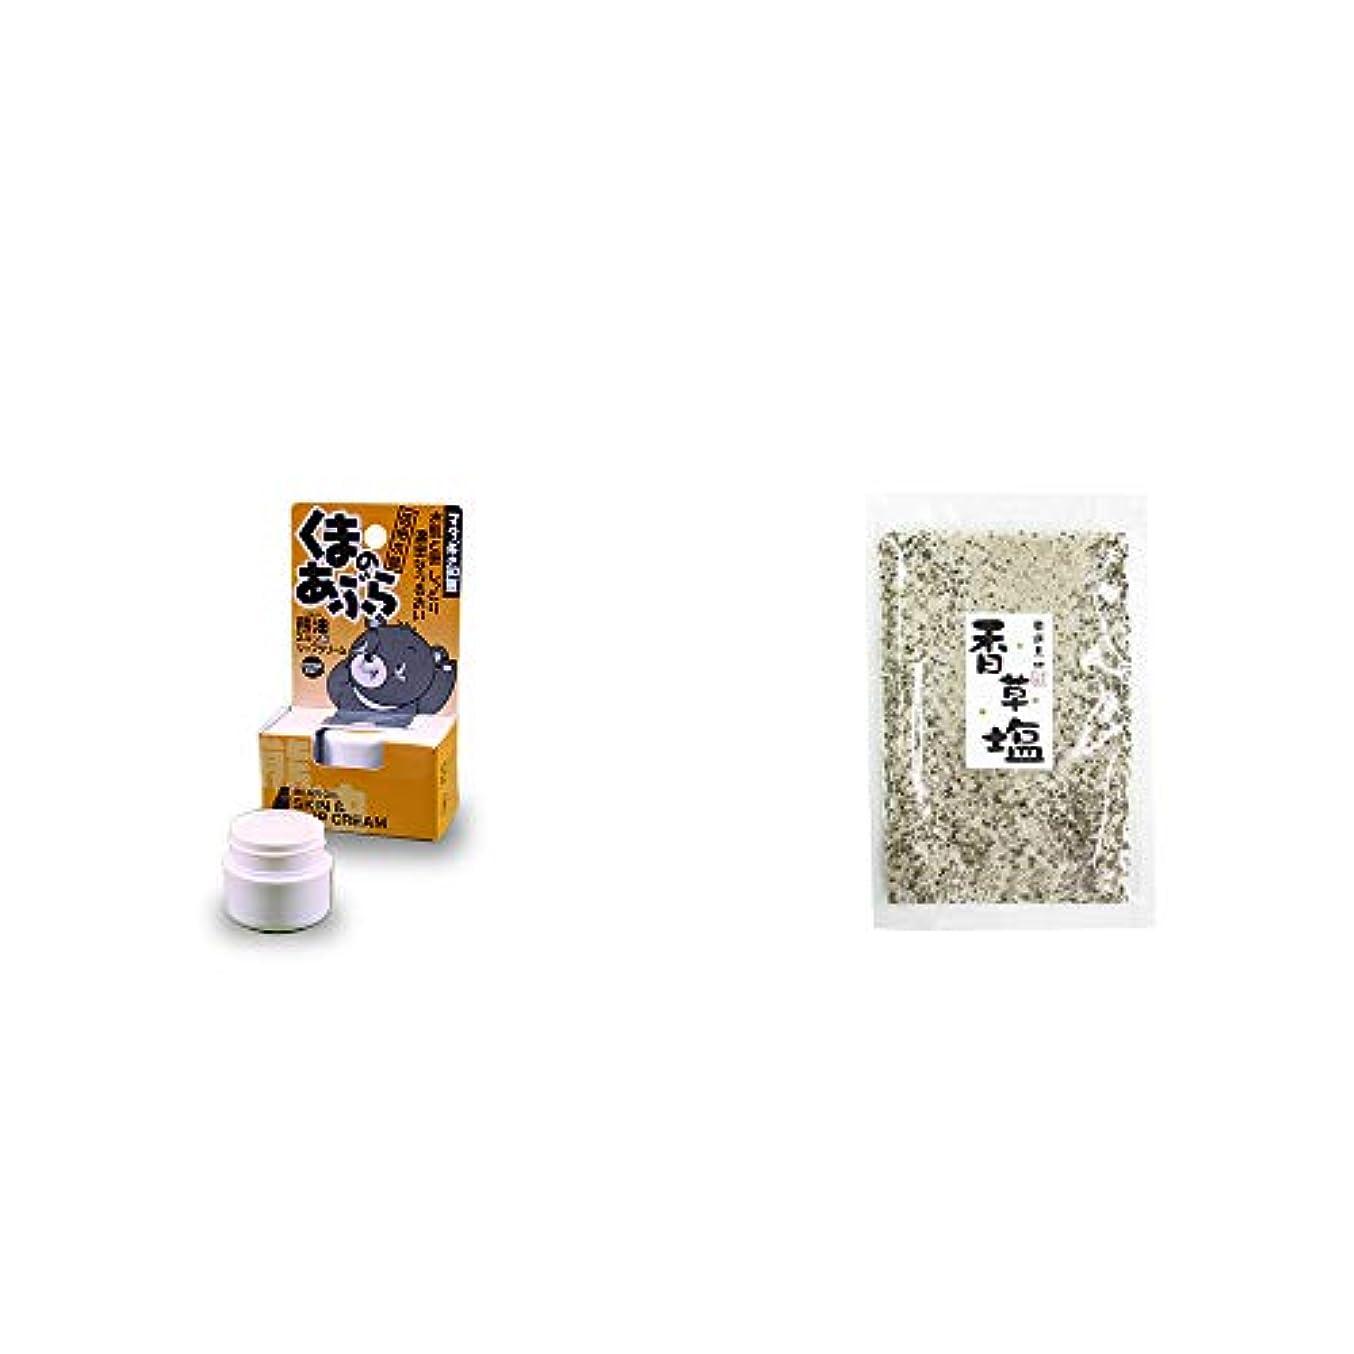 バナー考古学的な準備した[2点セット] 信州木曽 くまのあぶら 熊油スキン&リップクリーム(9g)?香草塩 [袋タイプ](100g)